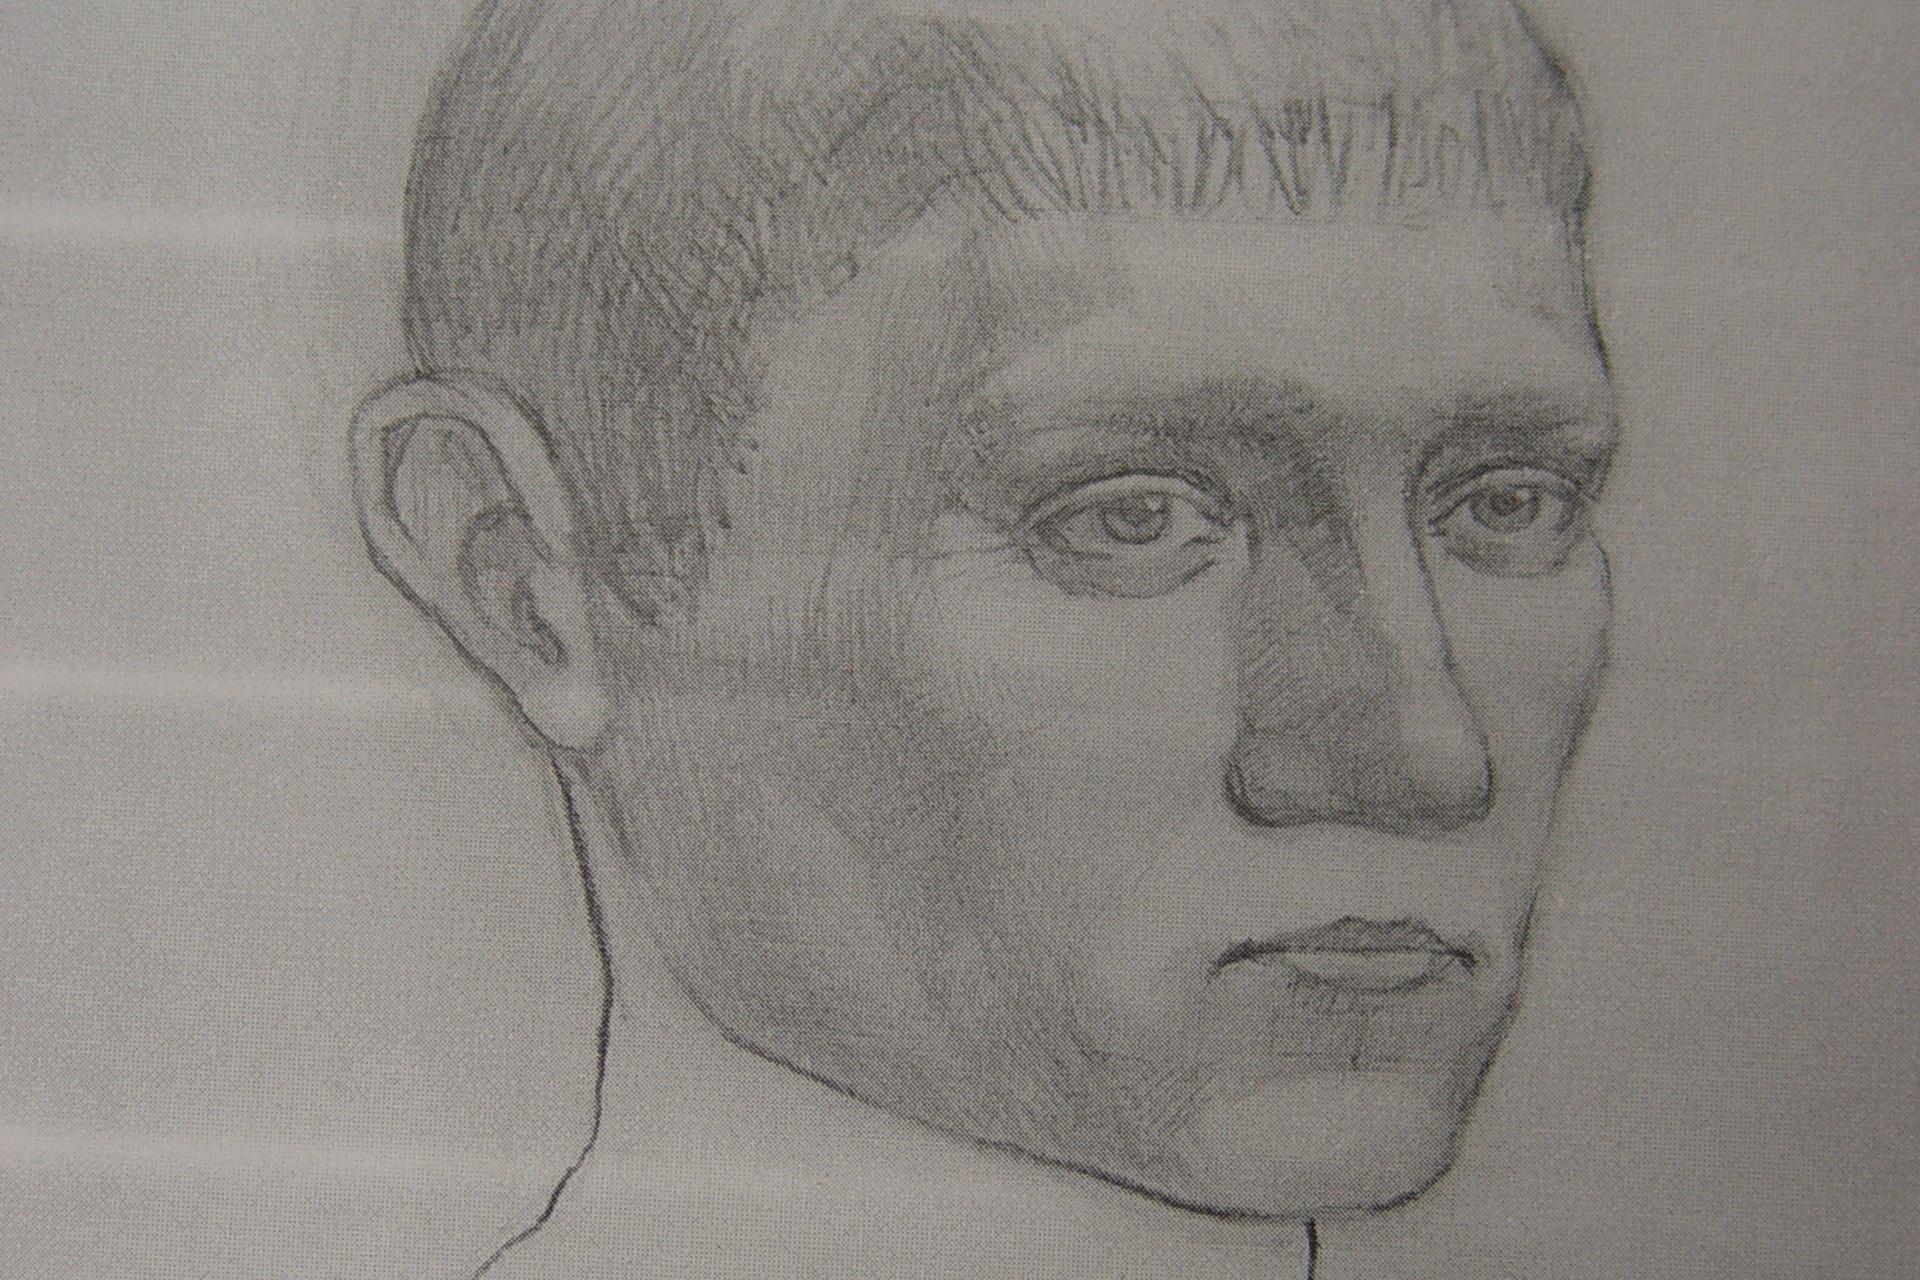 В Екатеринбурге разыскивают преступника-снайпера